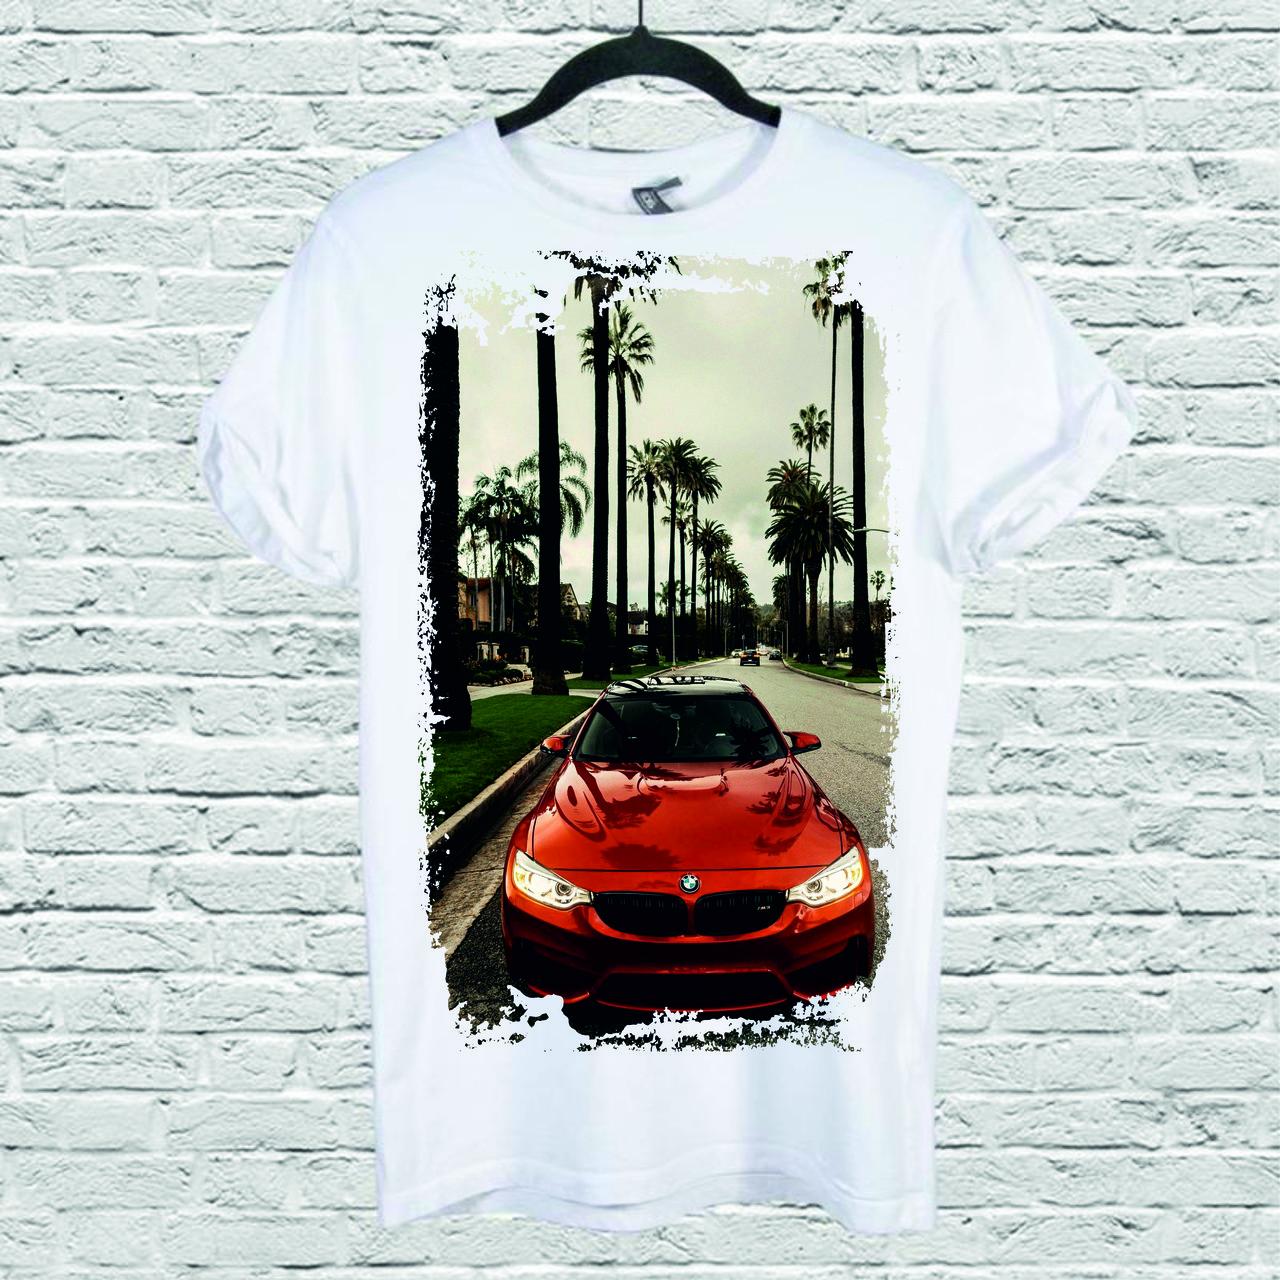 Футболка YOUstyle Car 0228 XXL White